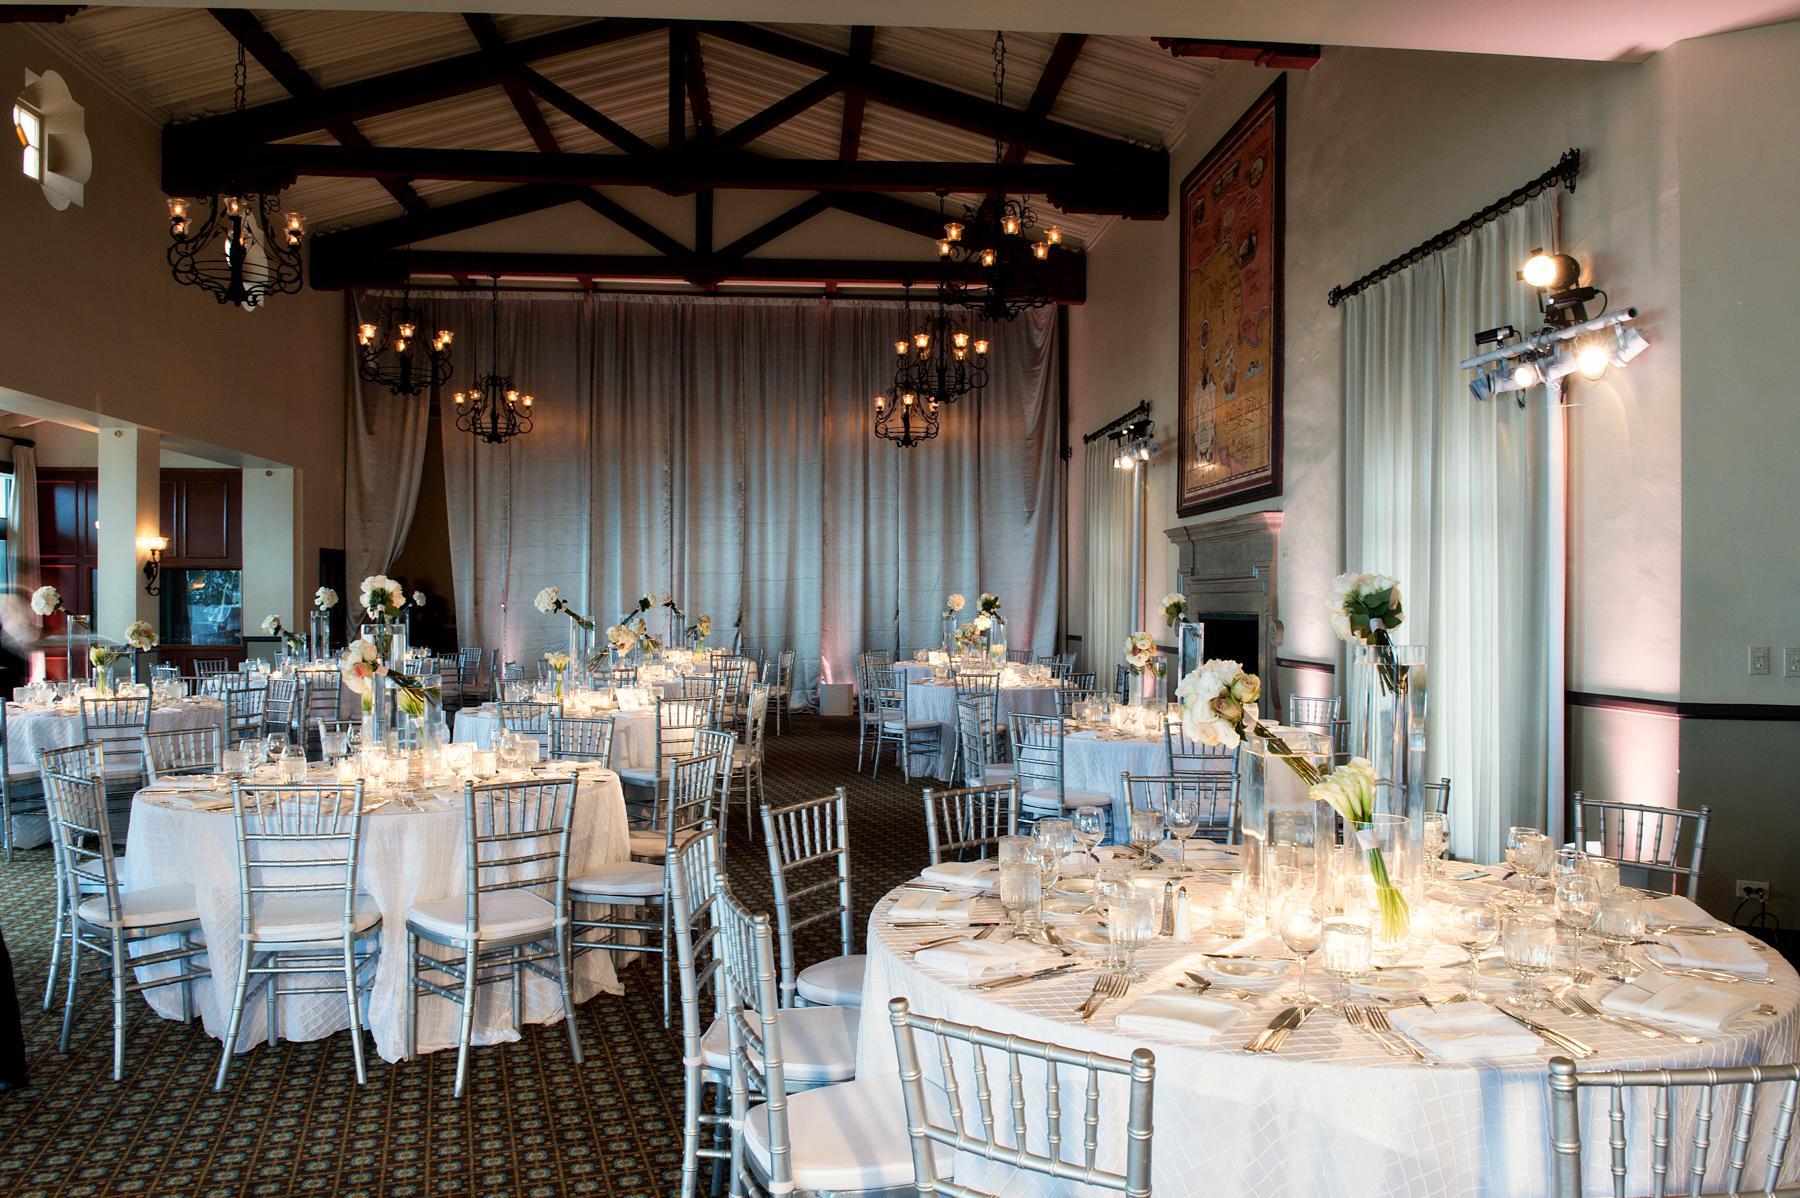 bel-air-bay-club-wedding-DG-13.jpg